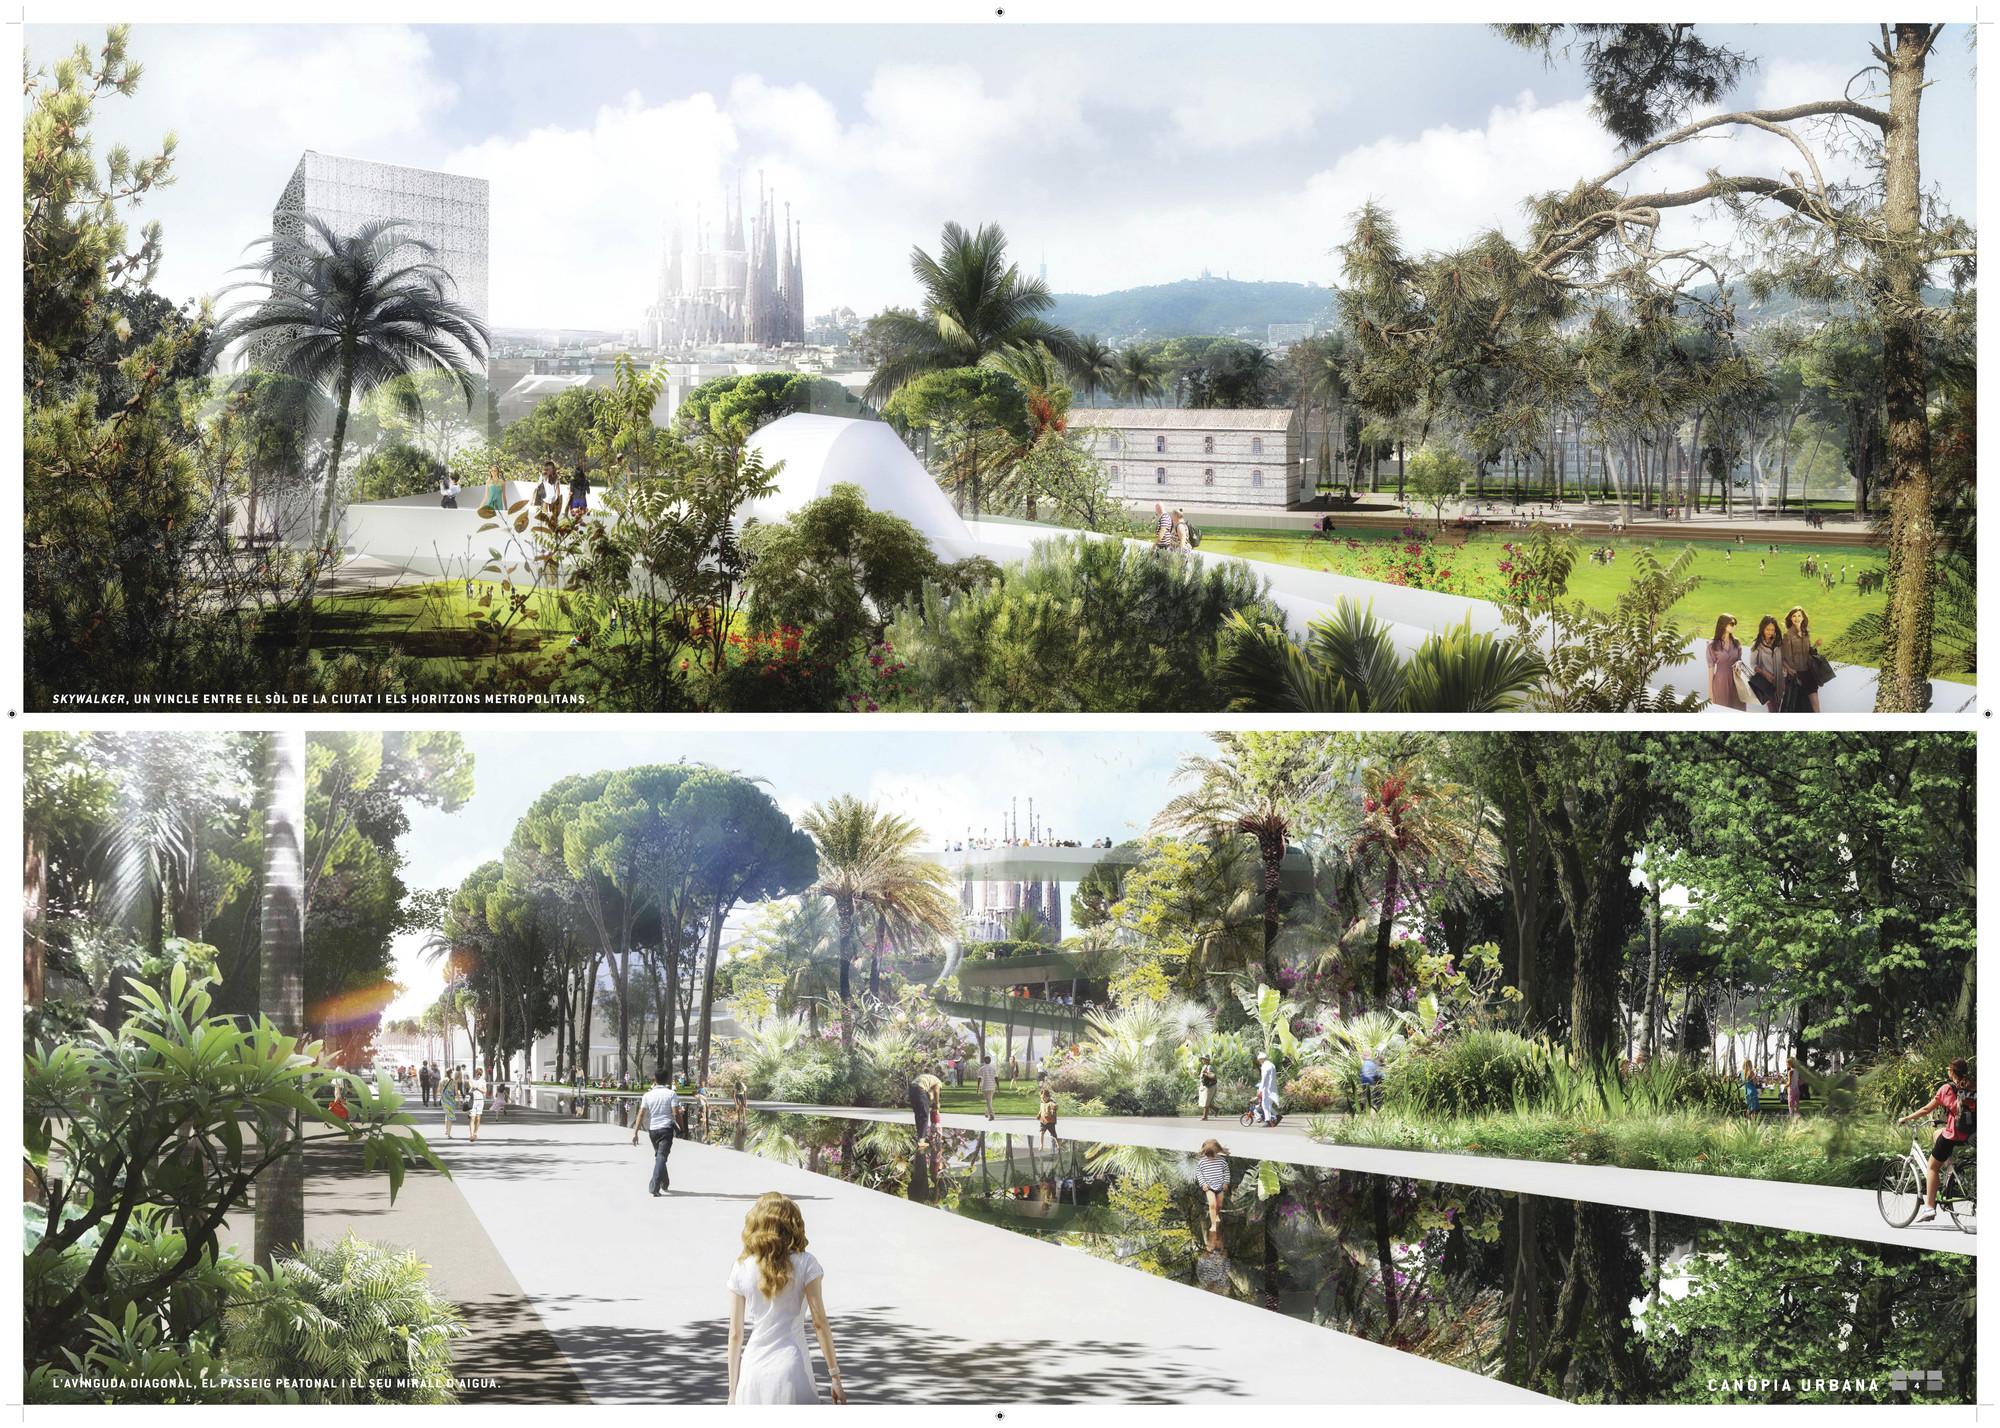 Primer Lugar Concurso Plaza de les Glòries / Barcelona, España., Courtesy of Agence Ter & Ana Coello